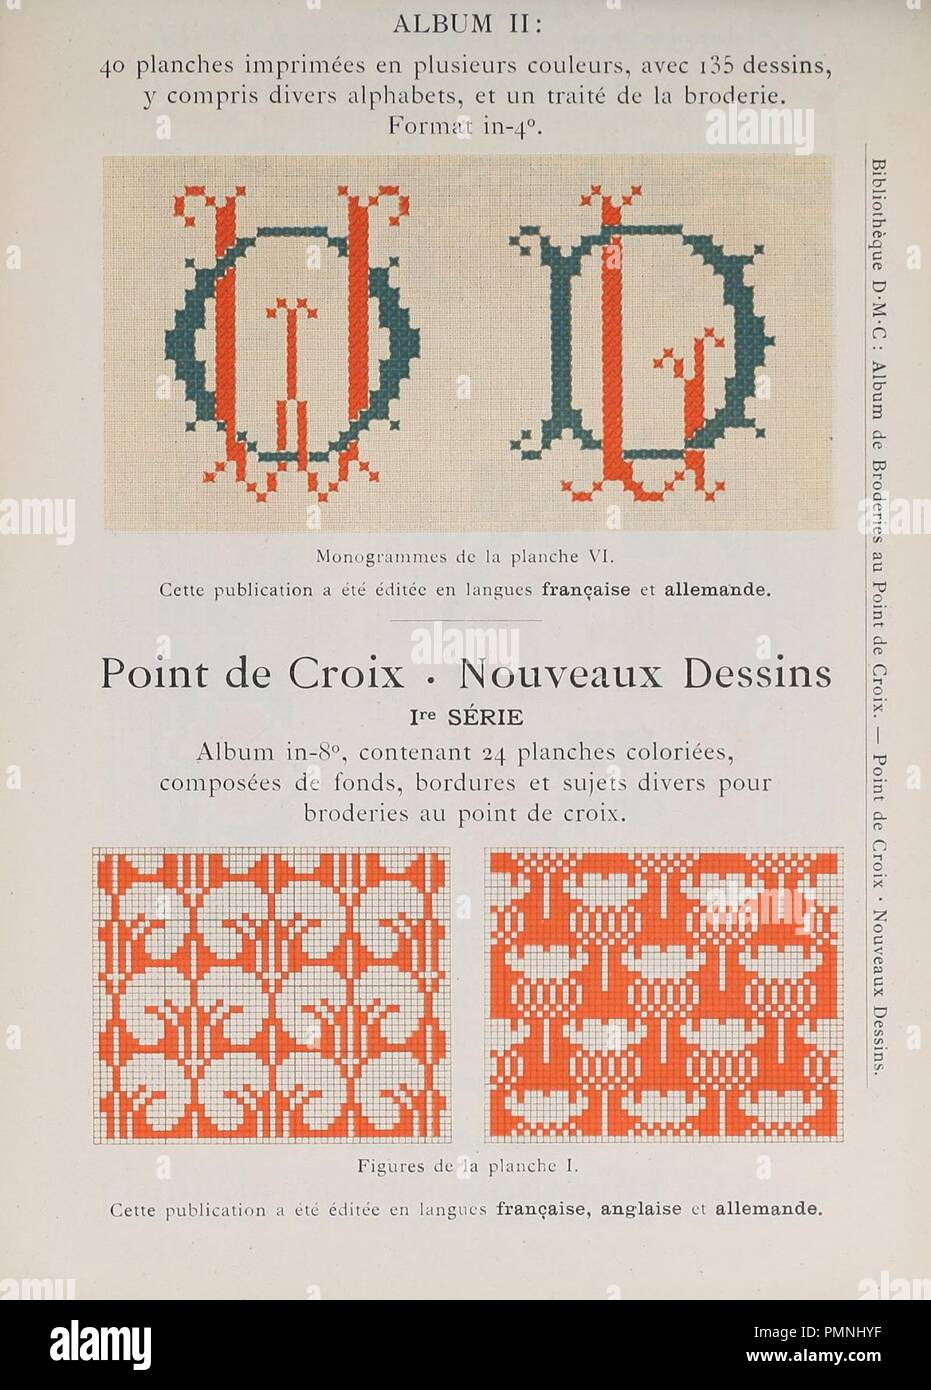 Bibliothèque Dmc 03 Album De Broderies Au Point De Croix Ii Nouveaux Dessins I Stock Photo Alamy